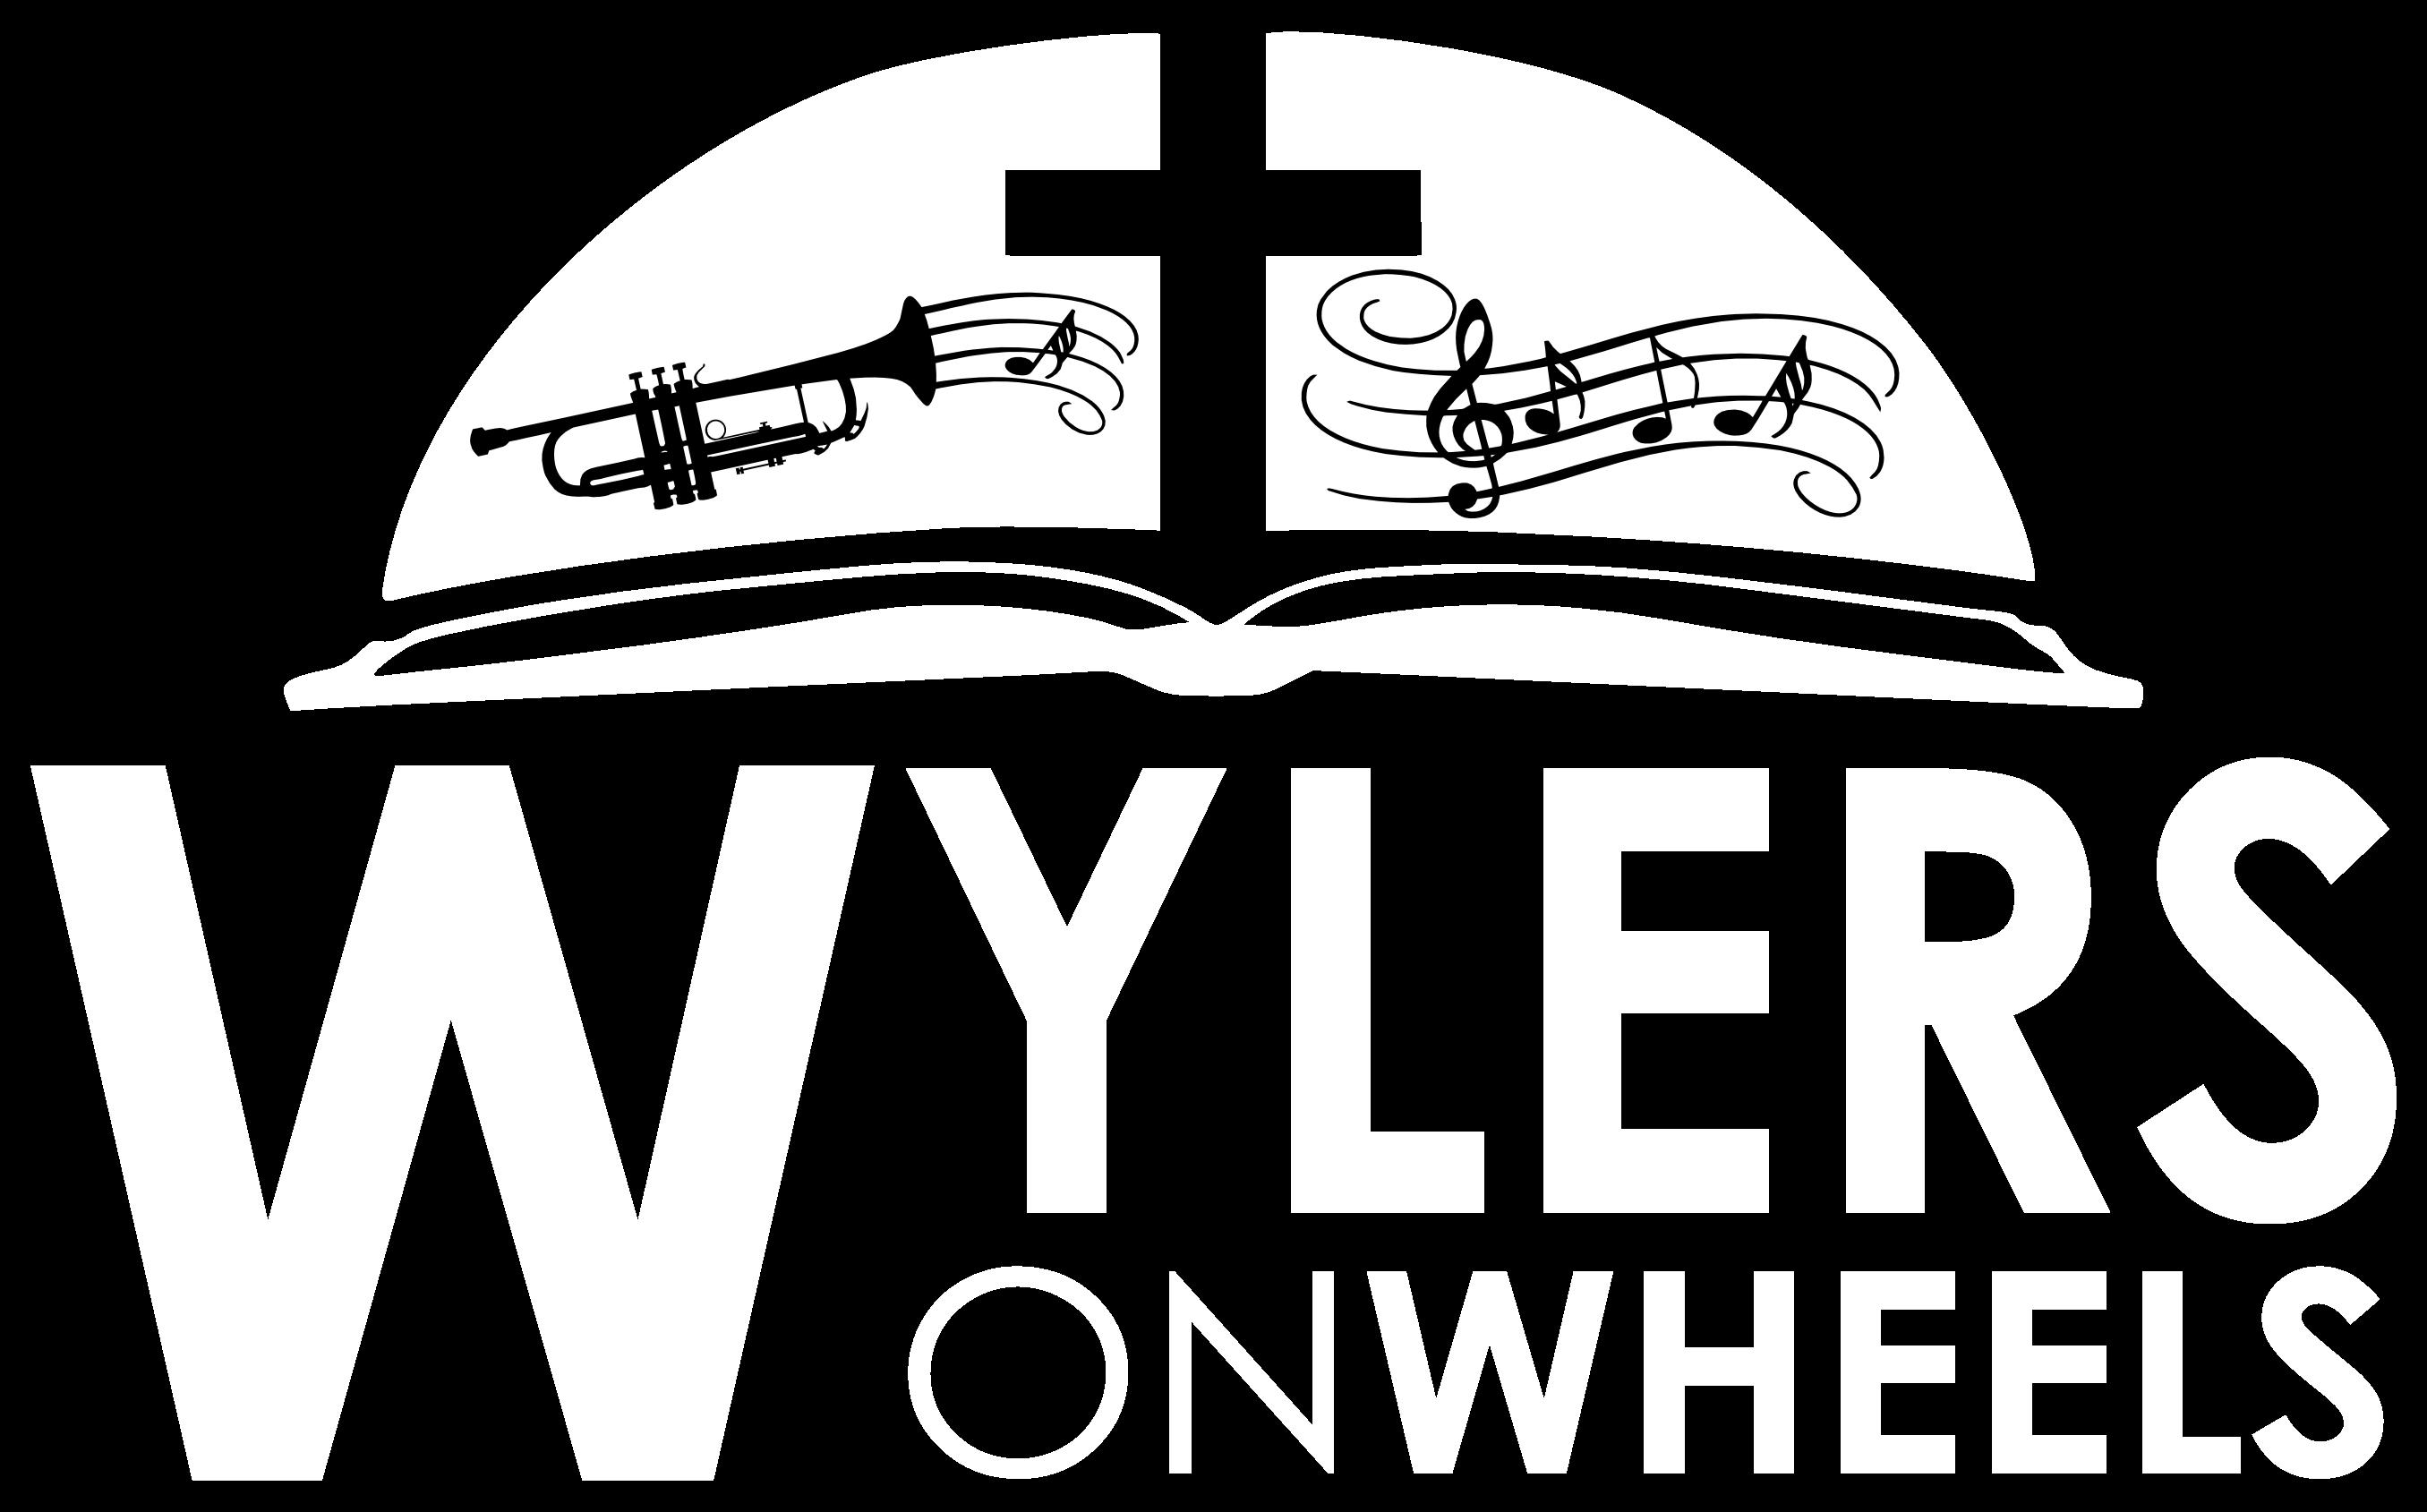 Wylers on Wheels